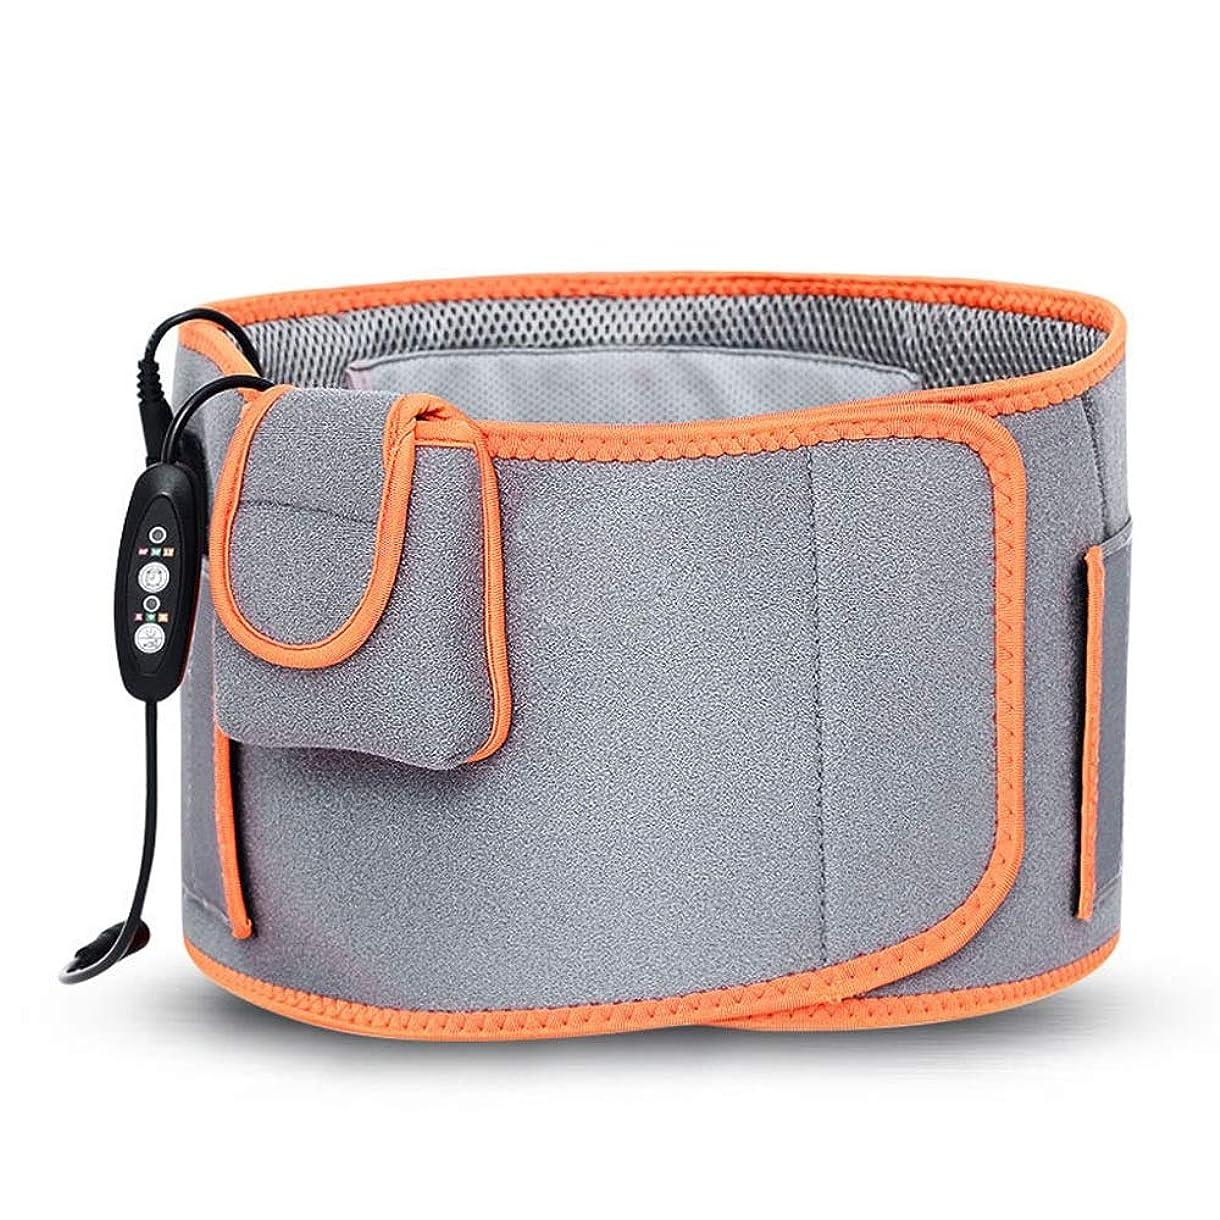 再生組み込むアレイウエスト暖房パッドヒートセラピーラップ温湿布のために腰のけいれんの痛みを軽減する傷害の回復 腰痛保護バンド (色 : グレー, サイズ : FREE SIZE)